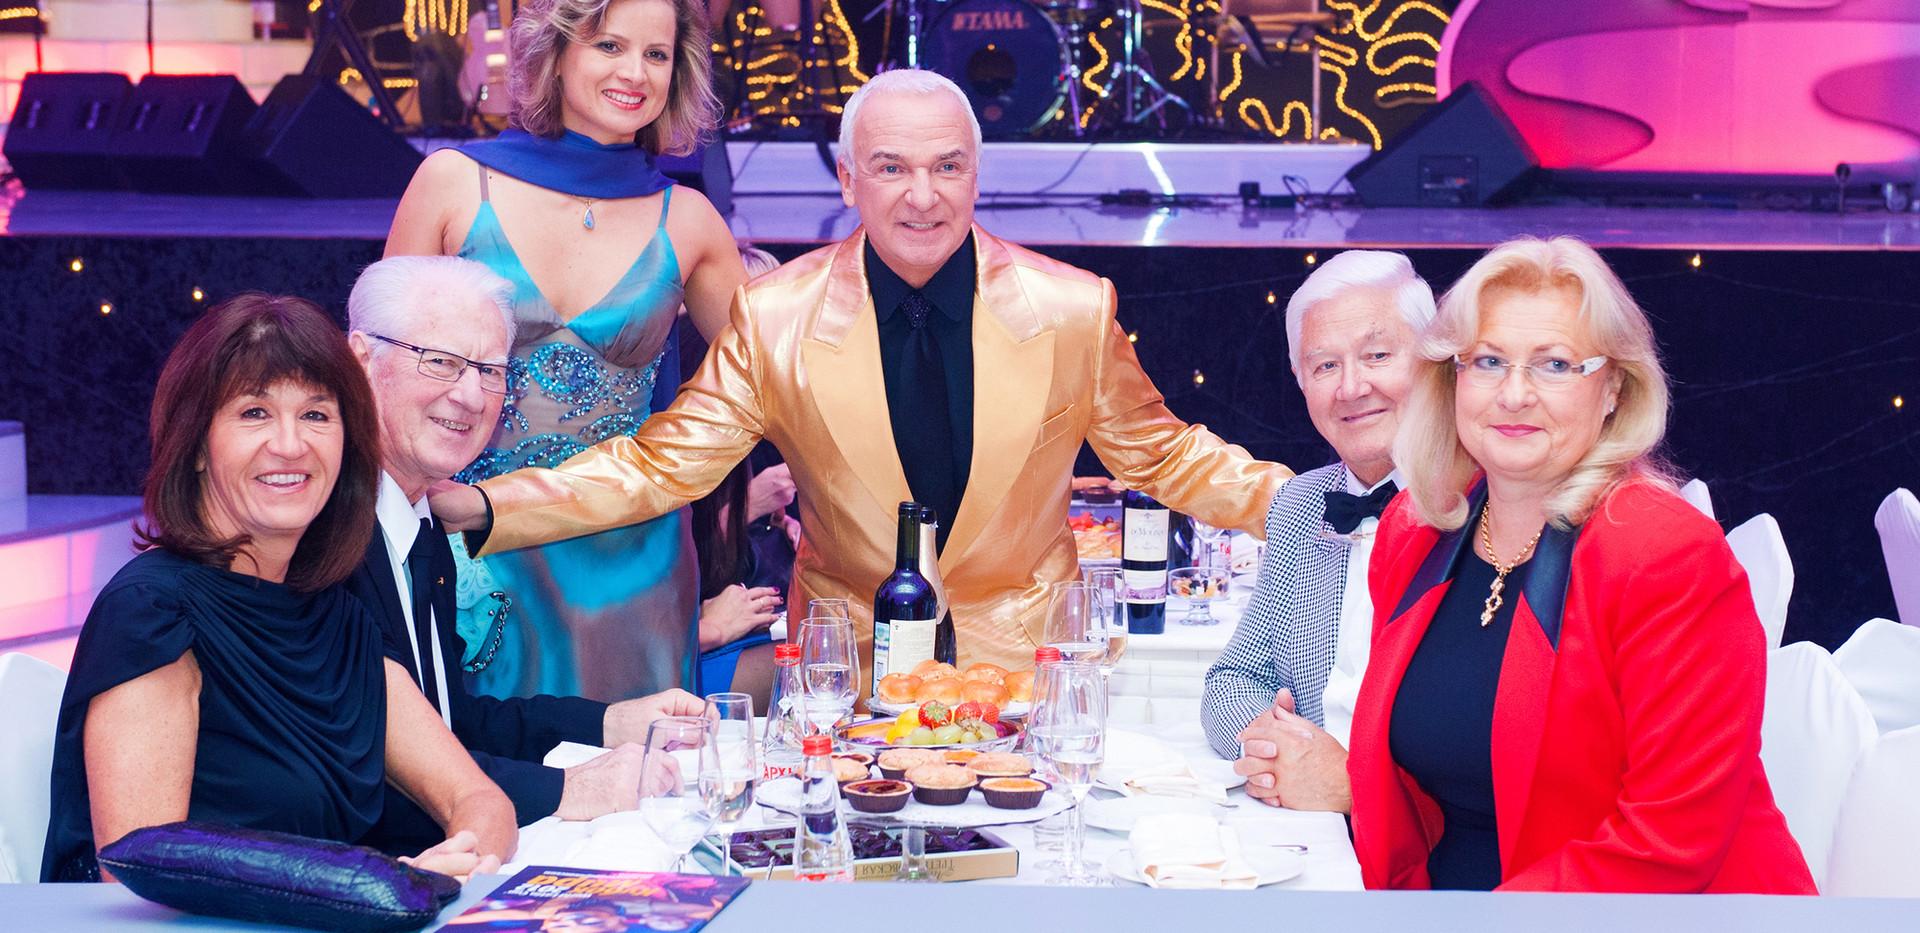 С Вице-Президентом WDC Руди Траутцом и супругой Мартиной и Президентом WDC Карлом Броероми и супругой Изольдой, Еленой Эланж, дизайнером Модного дома.